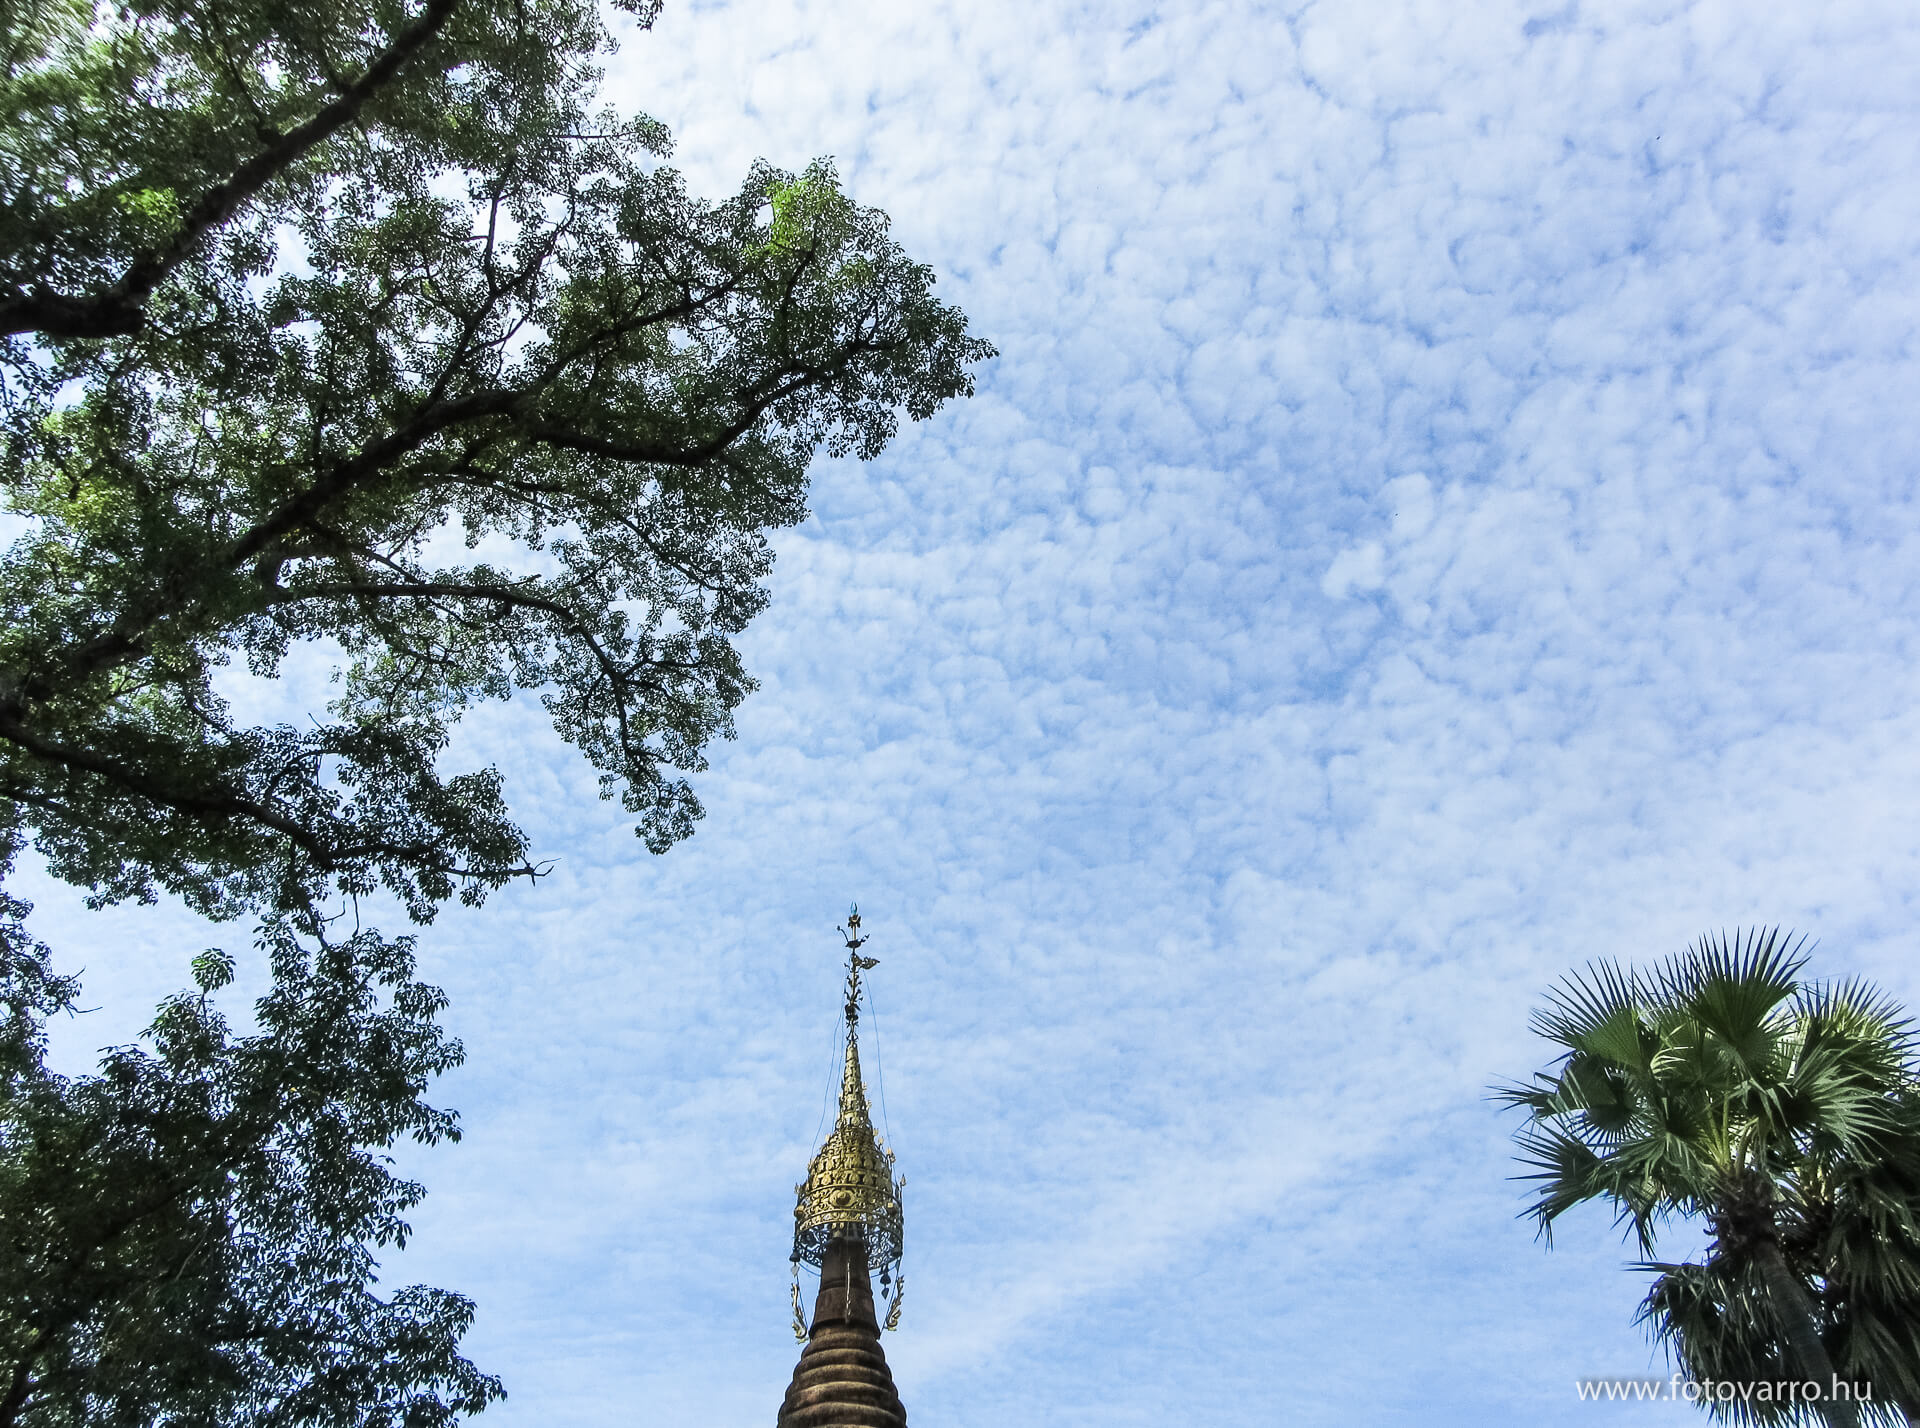 Burma_fotovarro_2